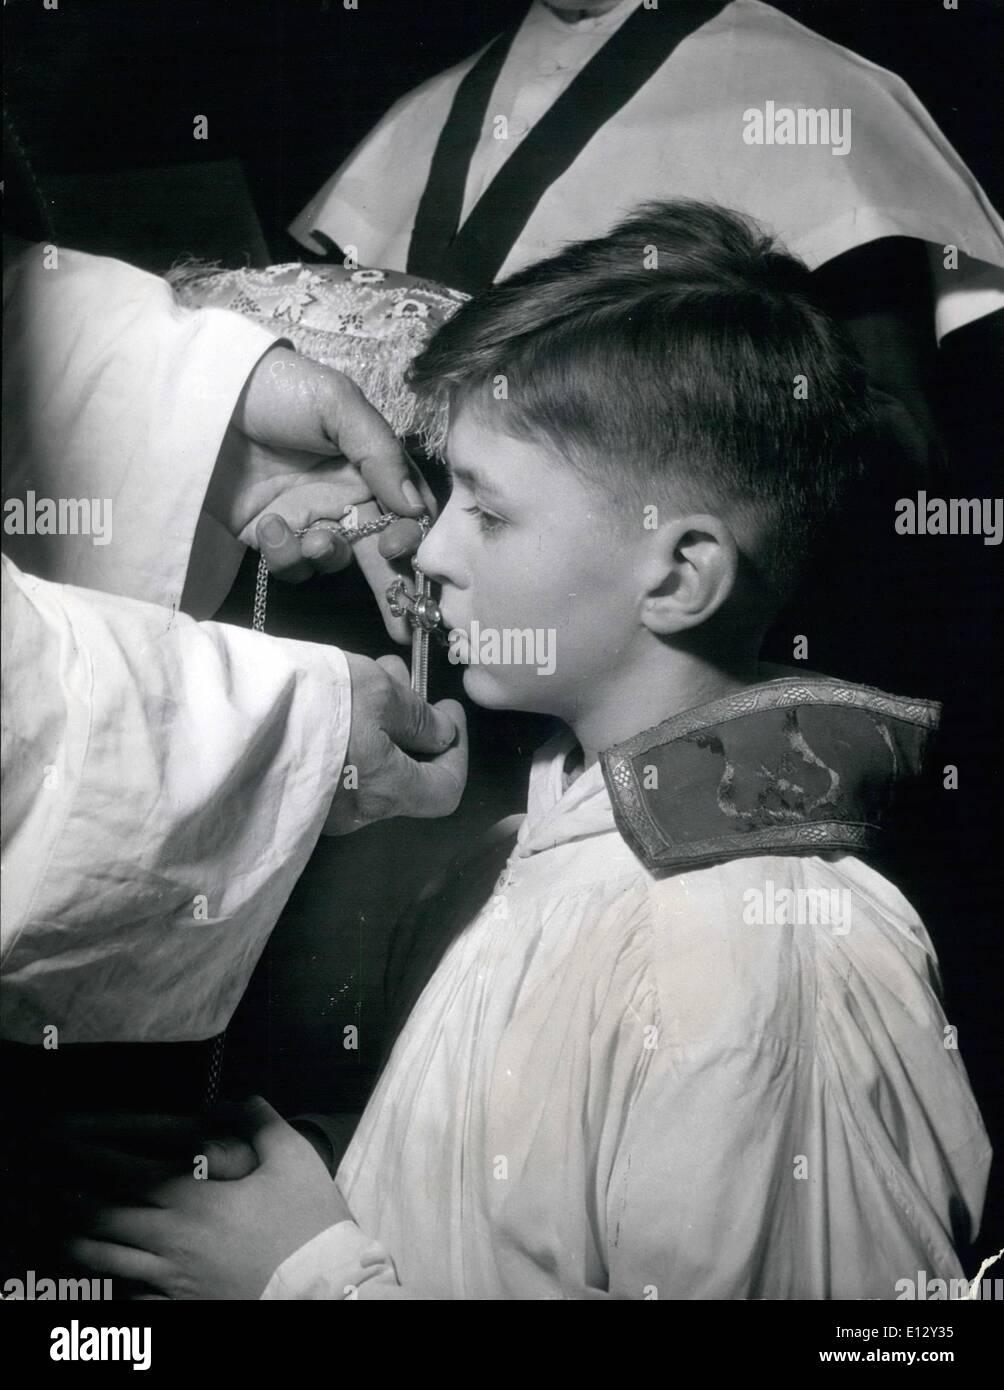 El 26 de febrero de 2012 - un joven obispo: Timothy Owen-Burke besa la cruz celebrada para él por el Rev. Morse-Boycott, durante la ceremonia de su iniciación como joven obispo. Un muchacho se hizo un Obispo durante 23 días: trece-año-viejo Timoteo Owen-Burks fue hecho un muchacho Obispo según la centenaria-custom y ceremonias, en Santa María de la escuela Angel Canción, Addlestone, Surrey, famoso como un internado produciendo coristas conocido como ''Angela'',y dirigido por el reverendo Desmond Morse-Boycott, causando la Premiere Imagen De Stock